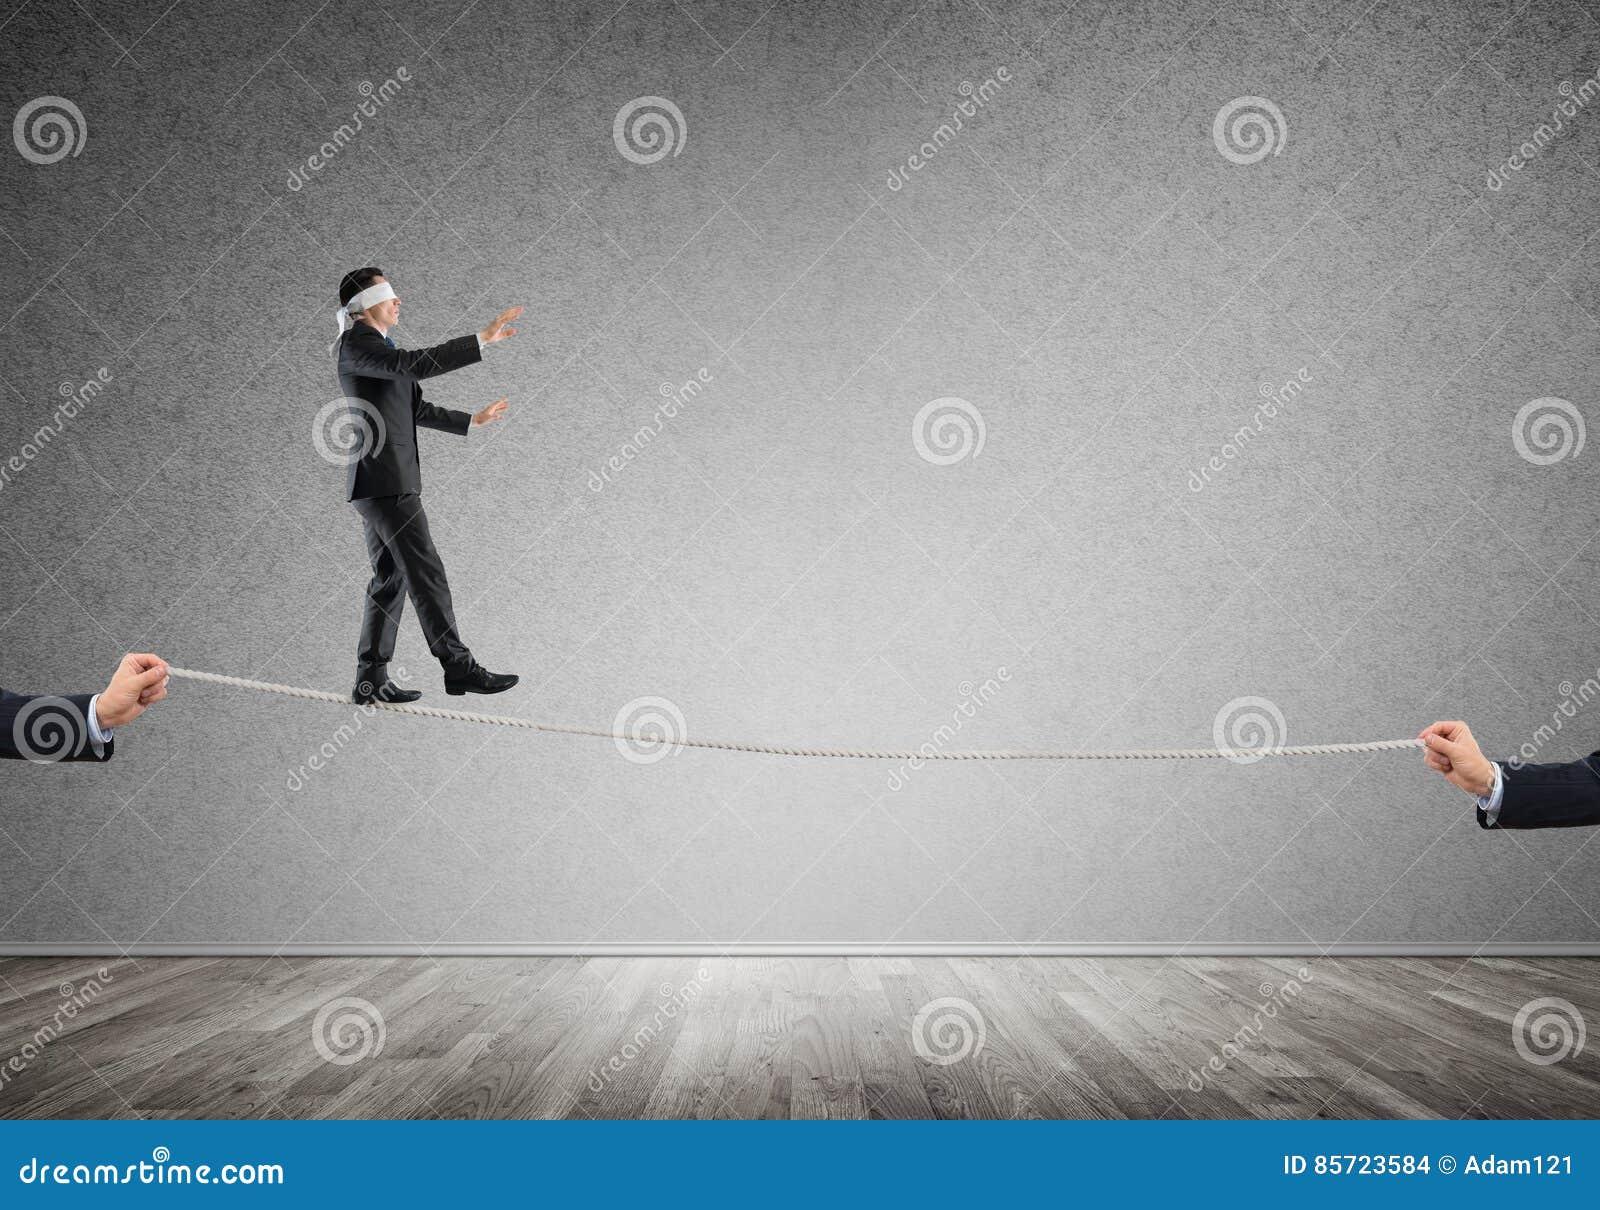 Geschäftskonzept der Risikounterstützung und -hilfe mit dem Mann, der auf Seil balanciert